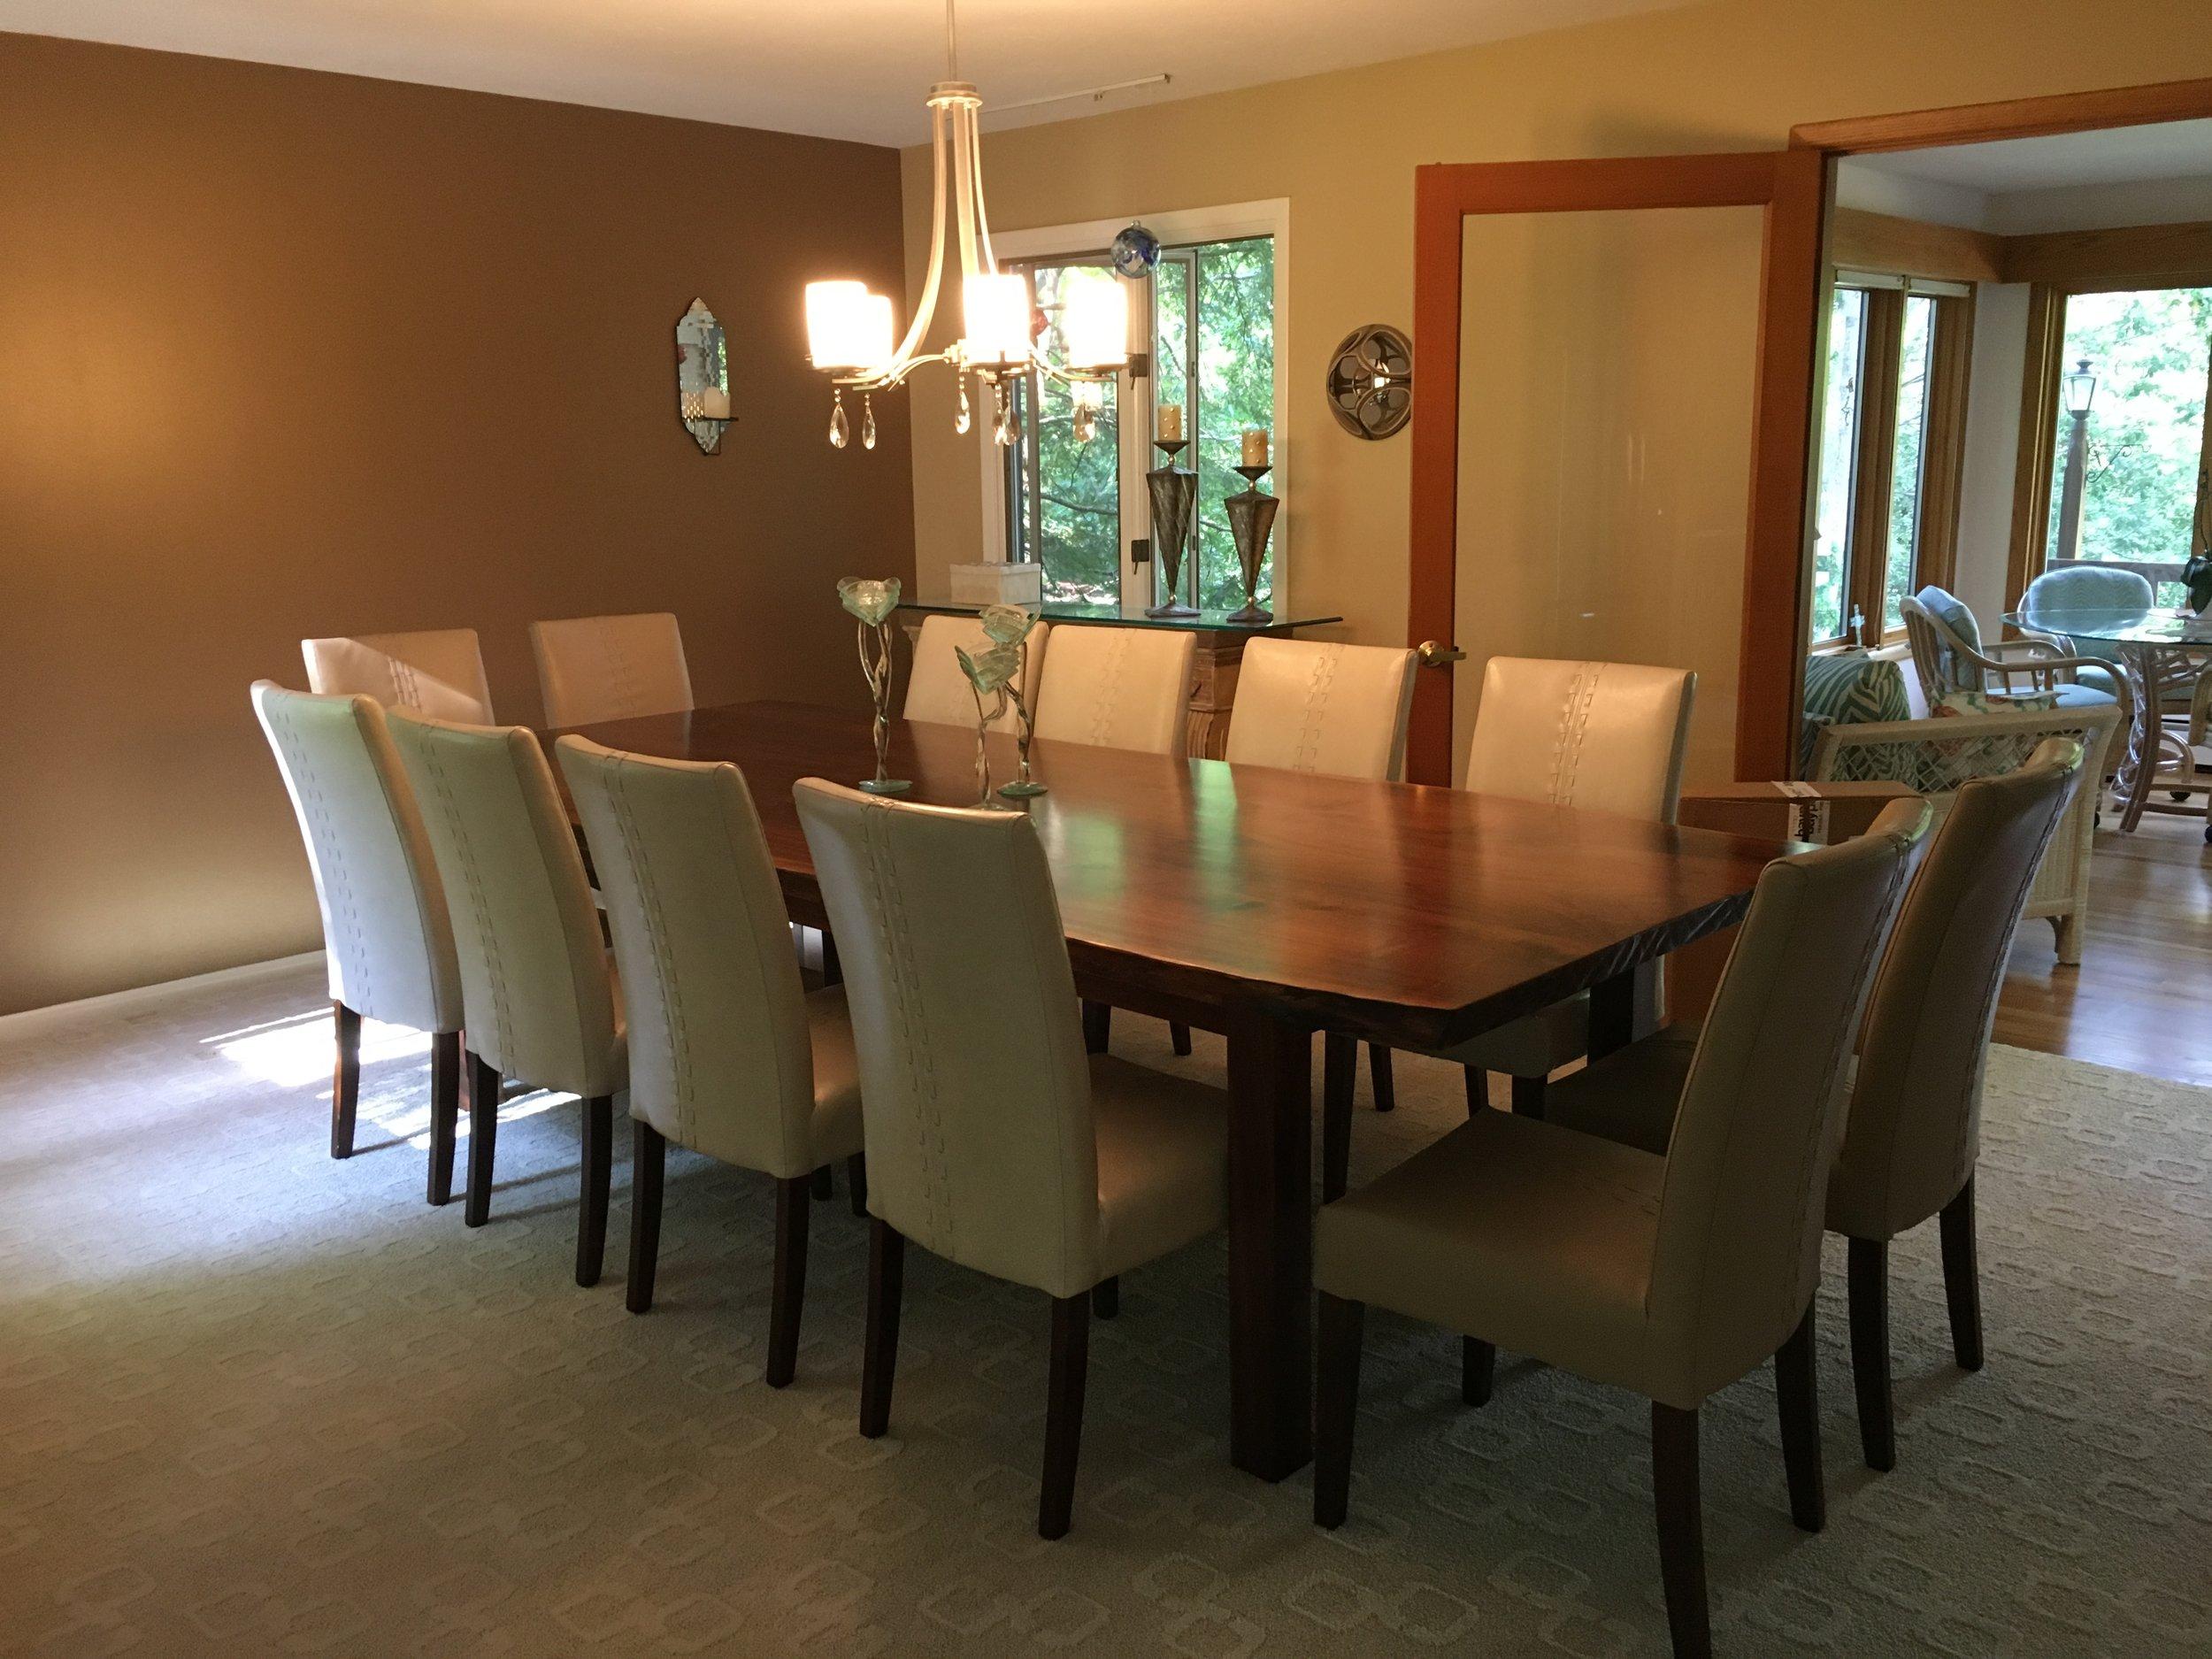 Live Edge Walnut Dining Room Table.jpeg